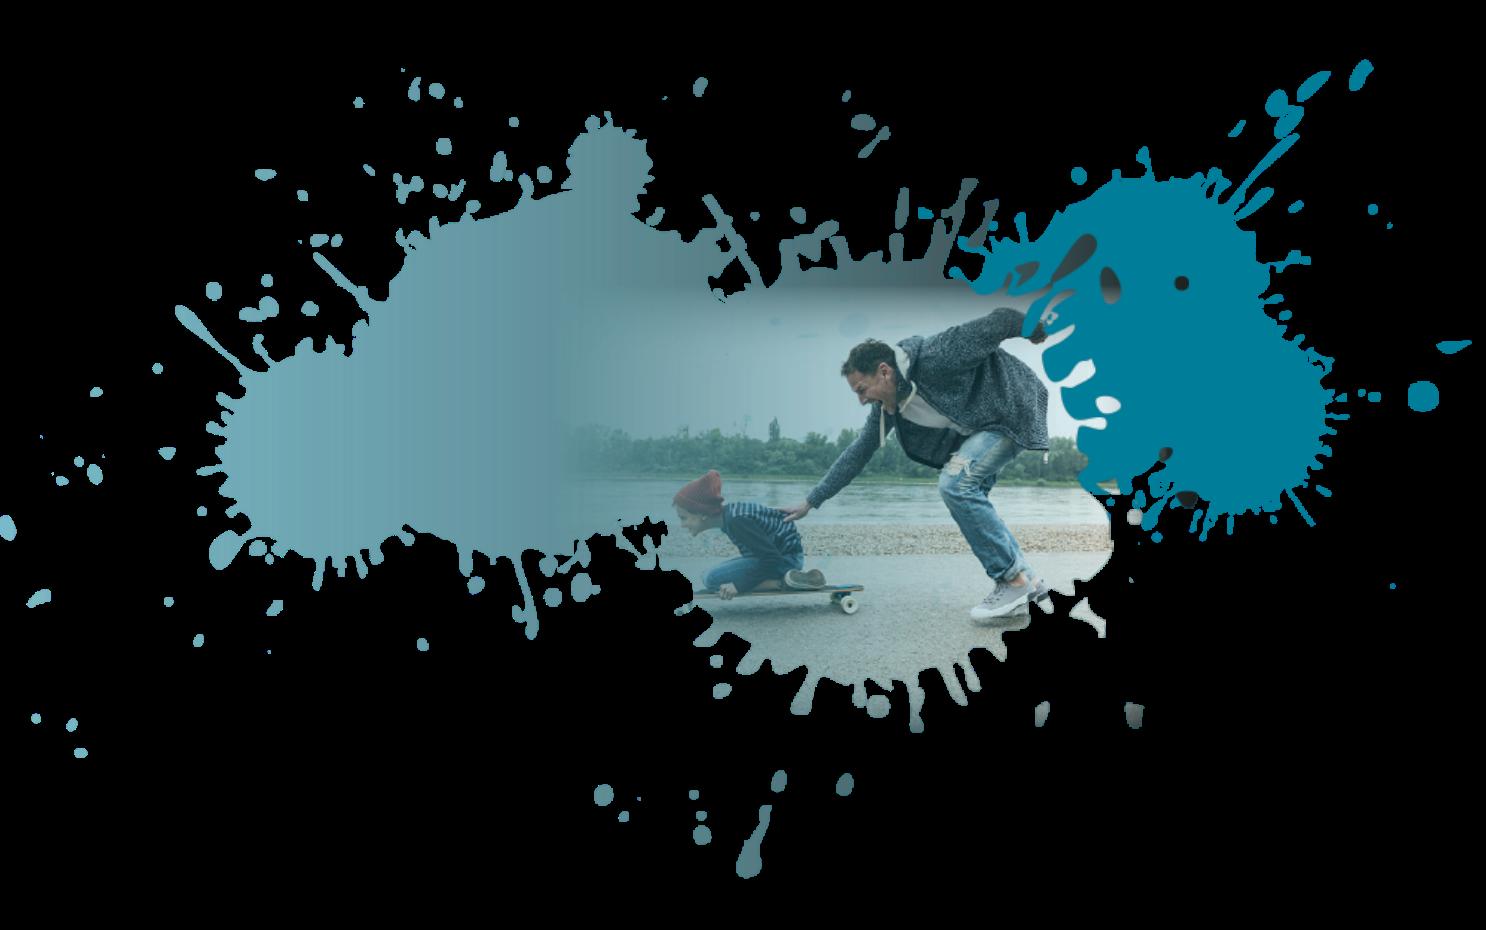 mann-schiebt-kind-auf-skateboard-an